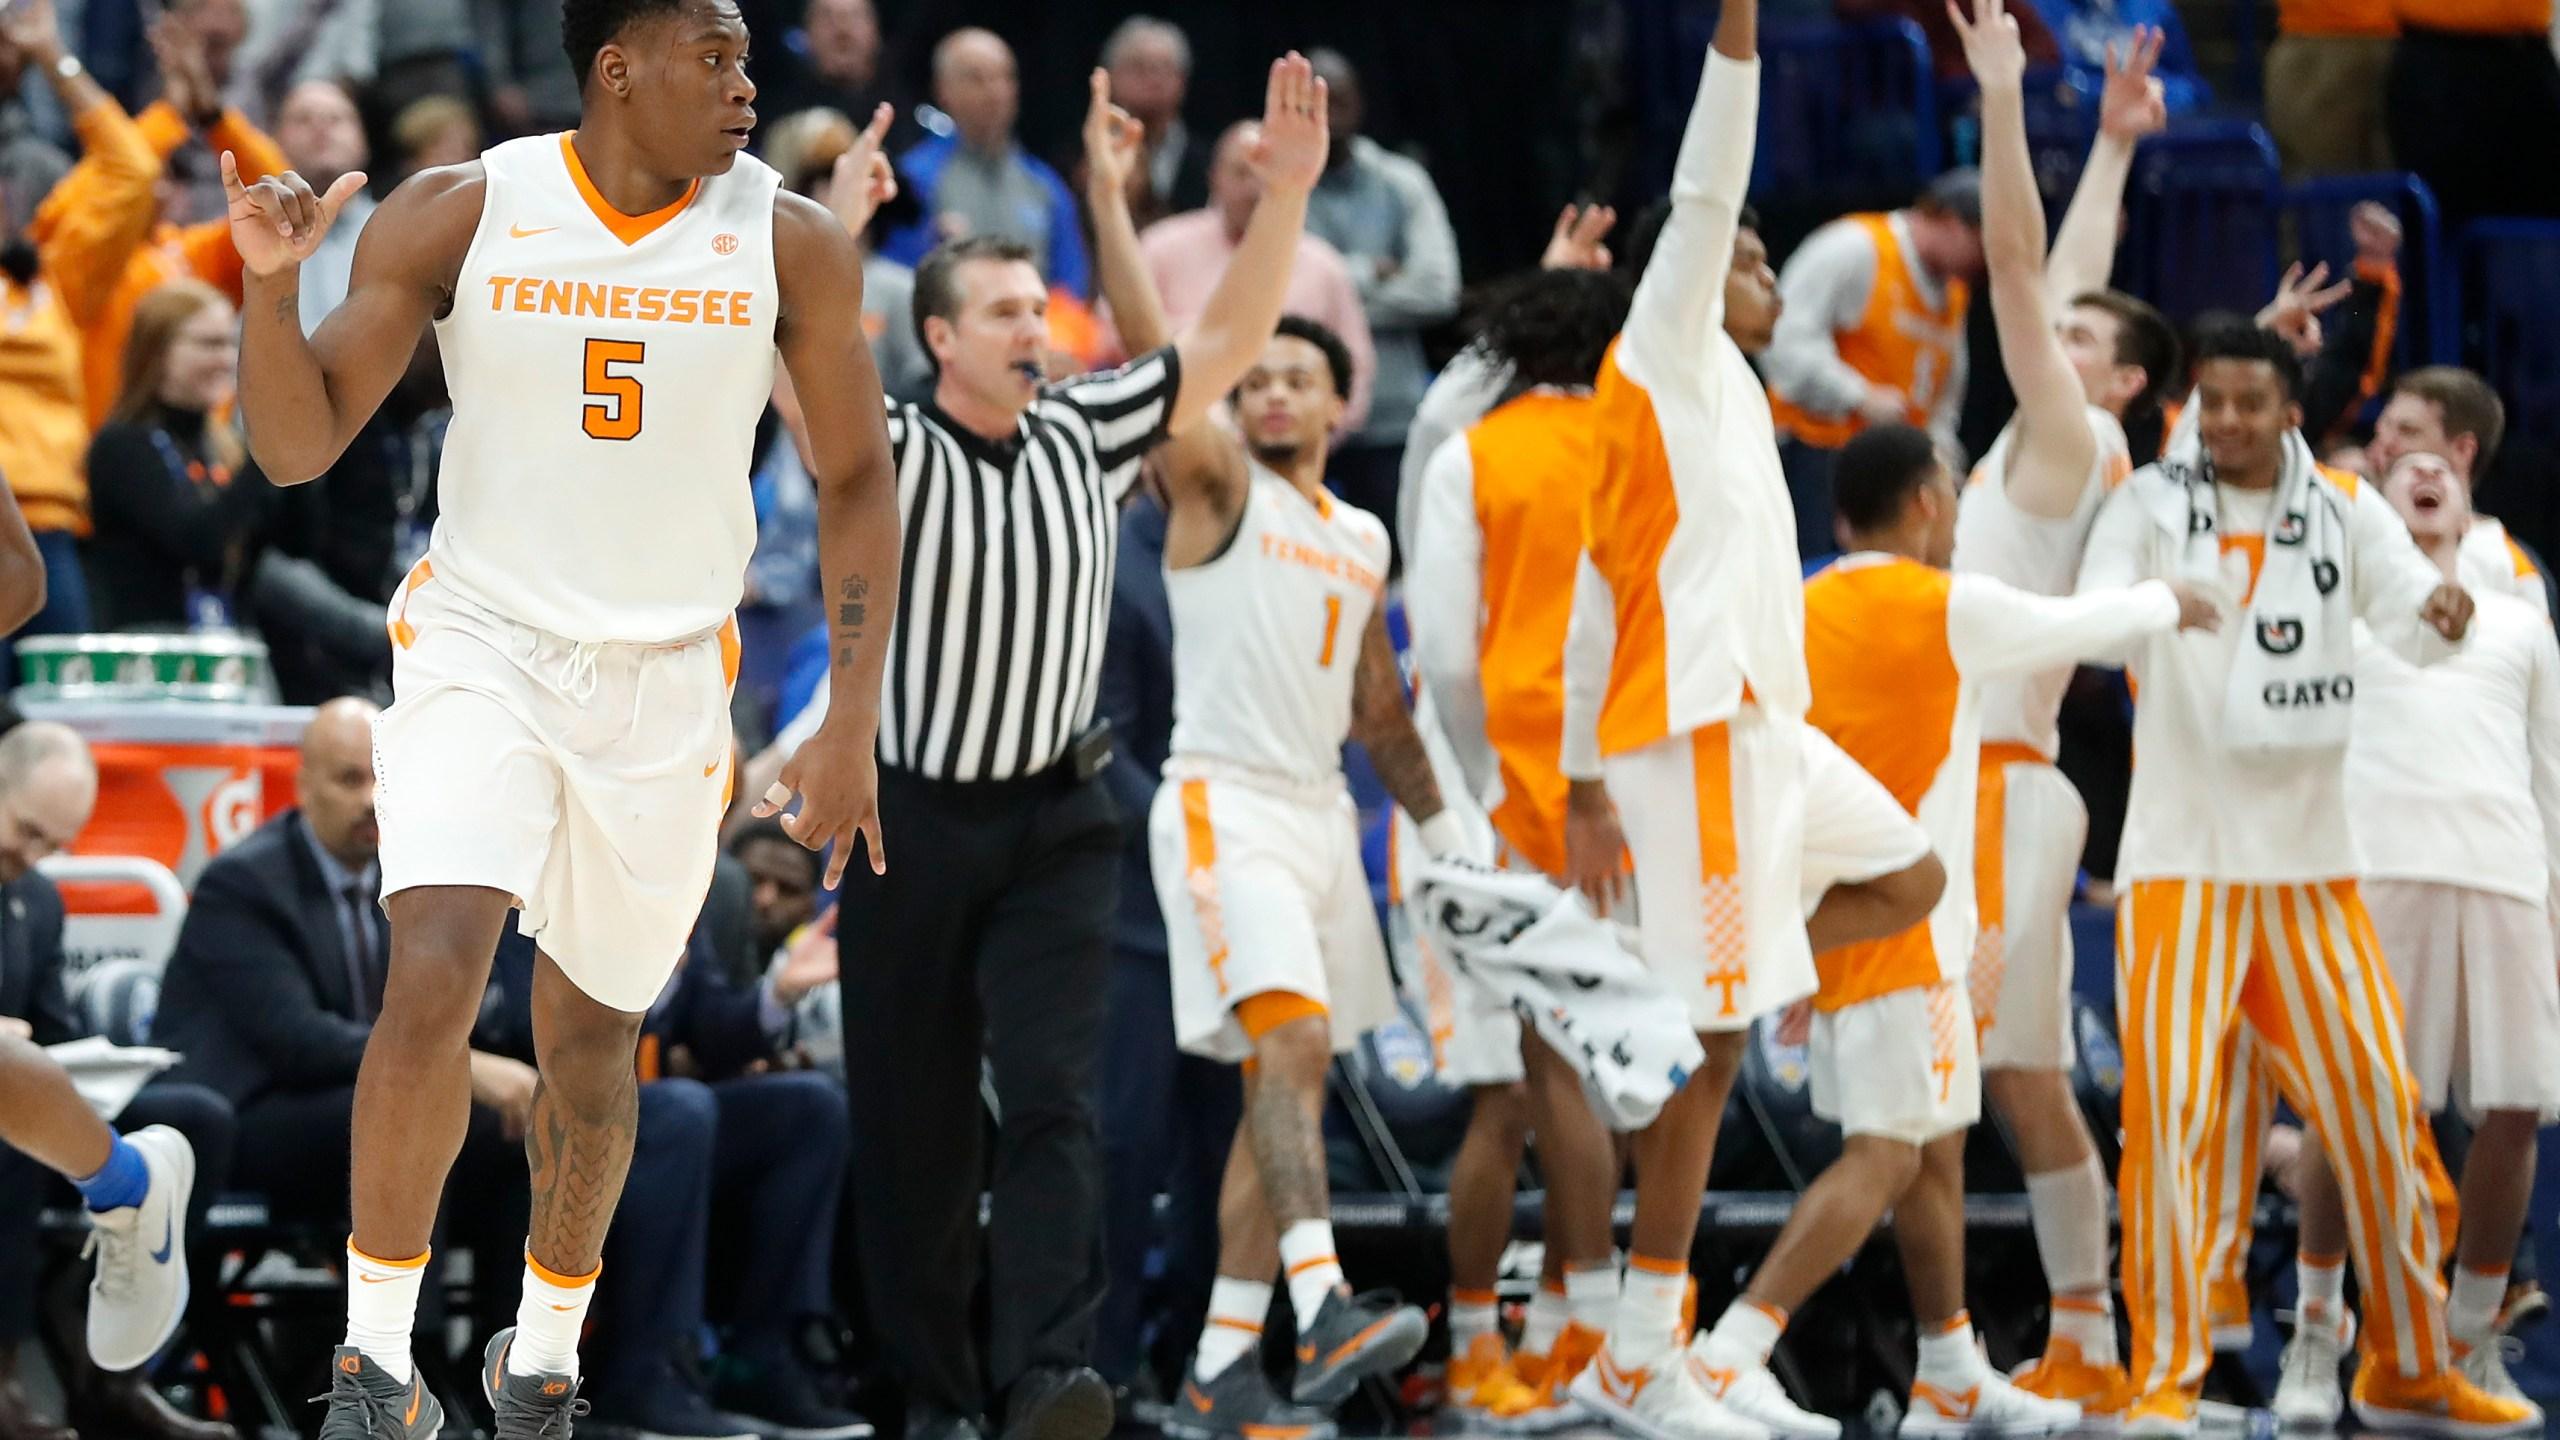 SEC Kentucky Tennessee Basketball_1520805865360